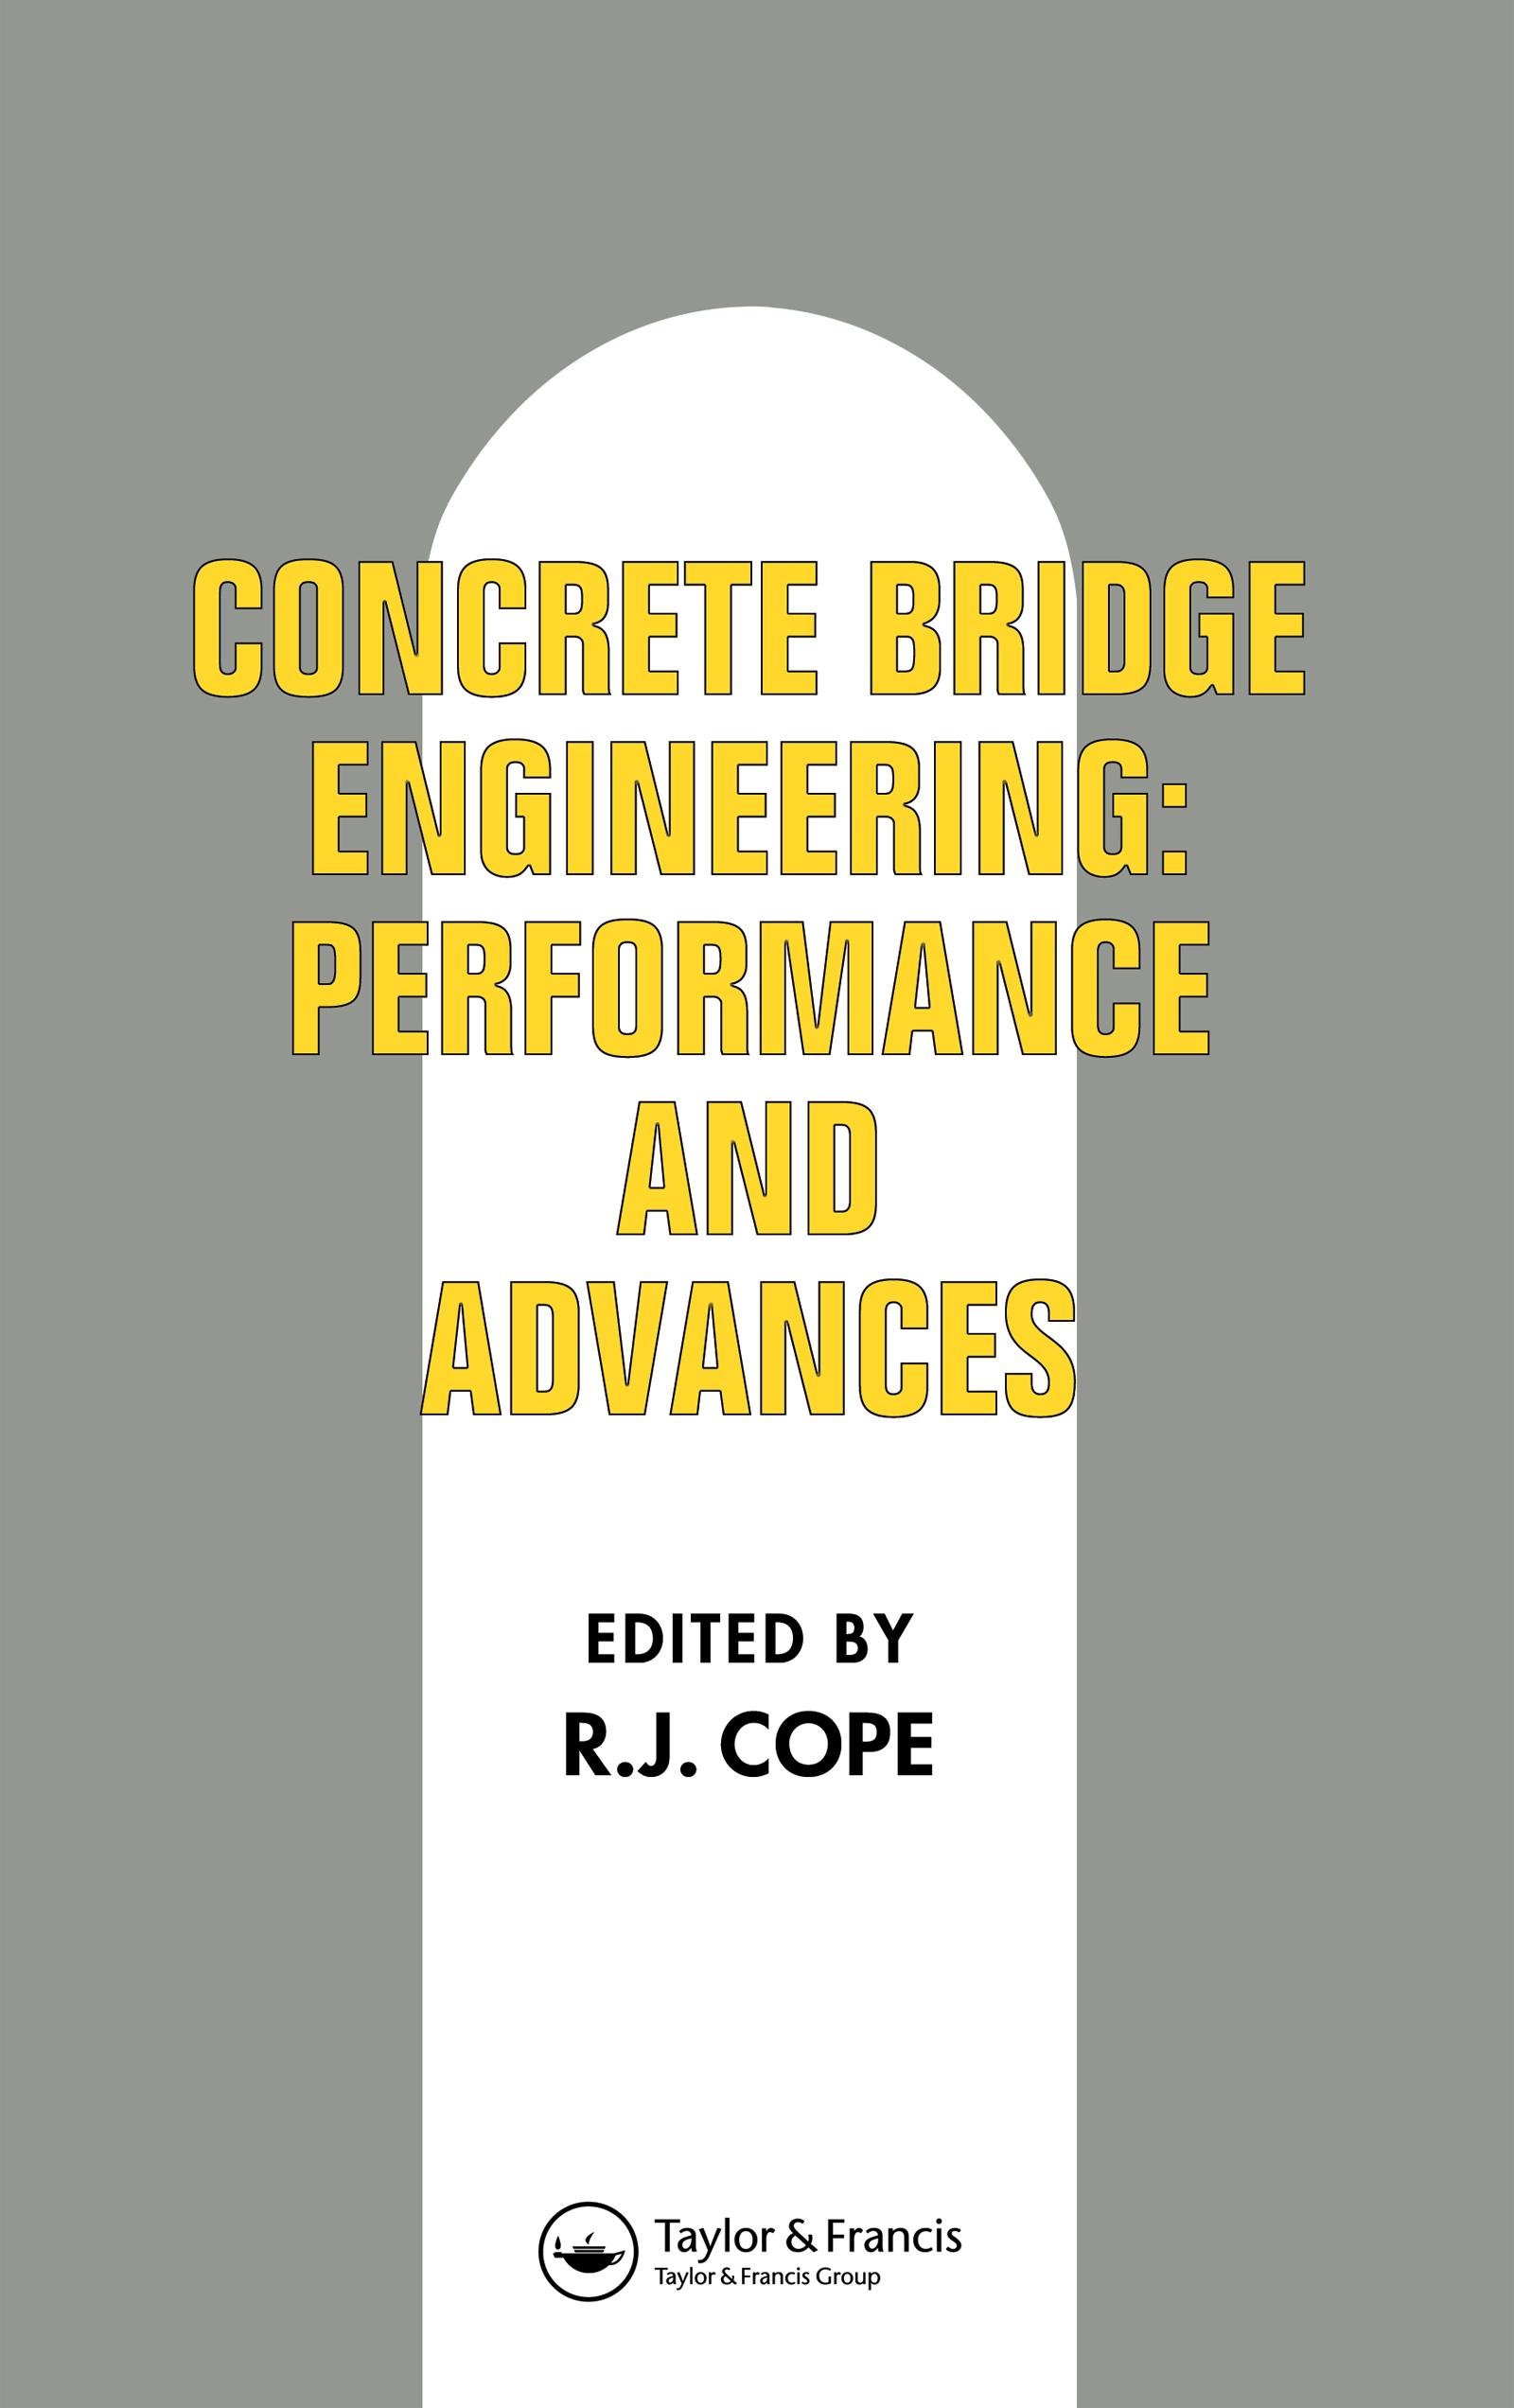 Concrete Bridge Engineering